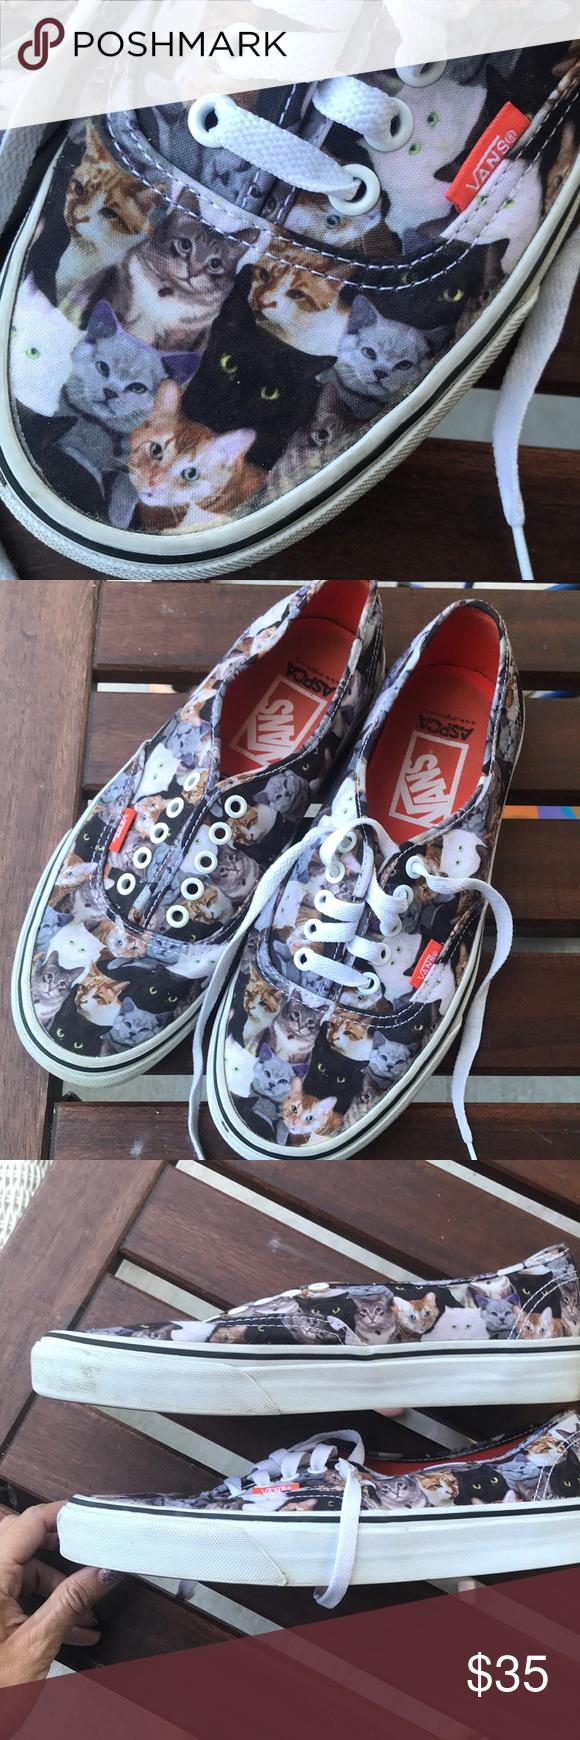 Rare Aspca Cat Kitten Vans Sneakers Vans Sneakers Vans Sneakers